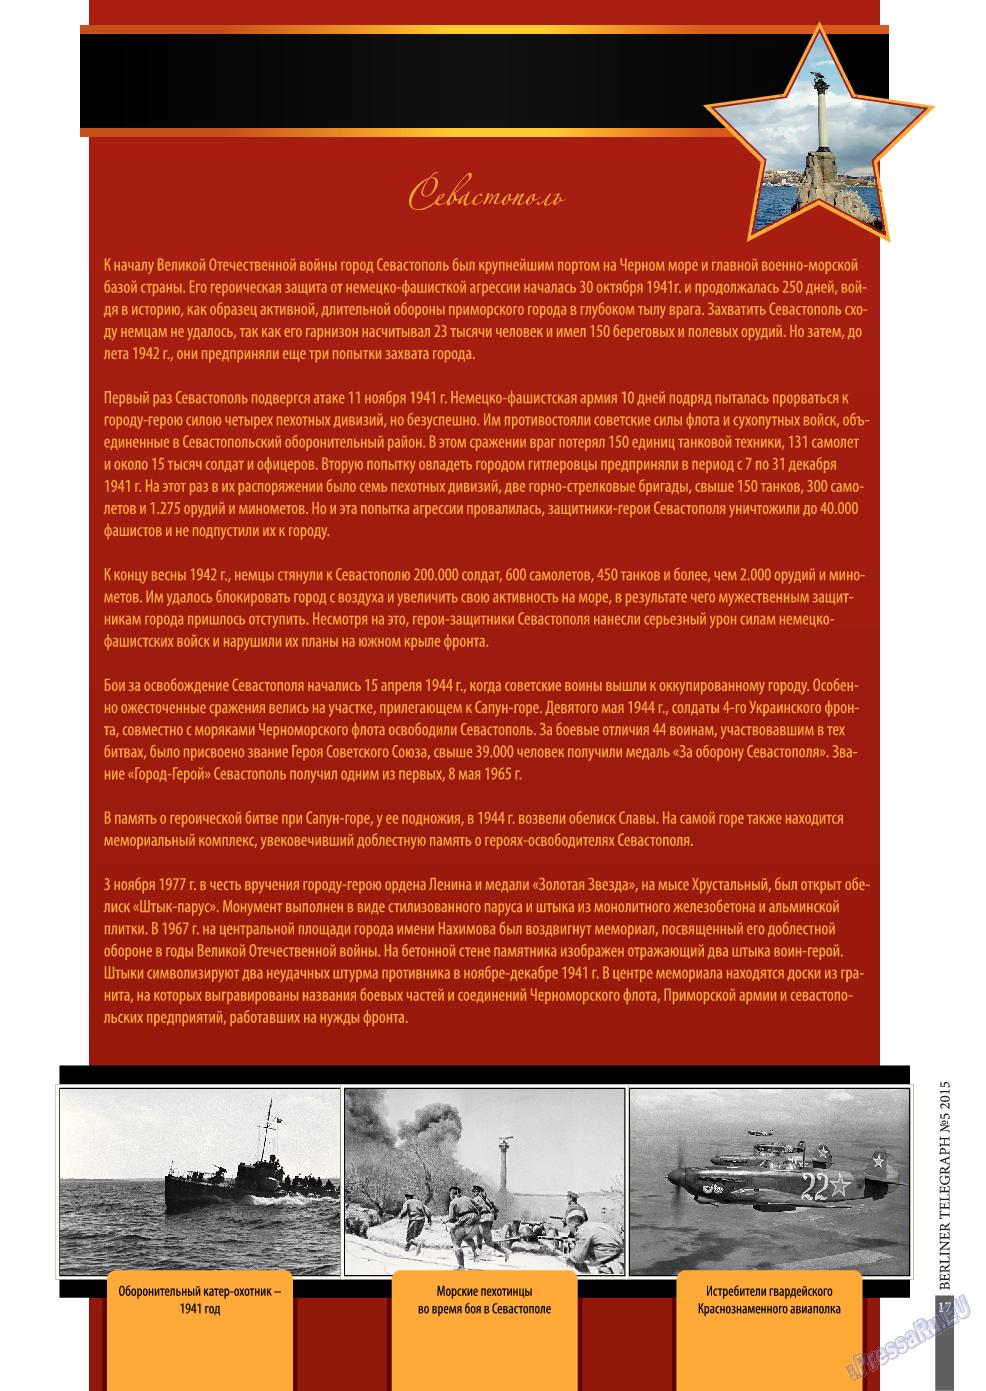 Берлинский телеграф (журнал). 2015 год, номер 5, стр. 17